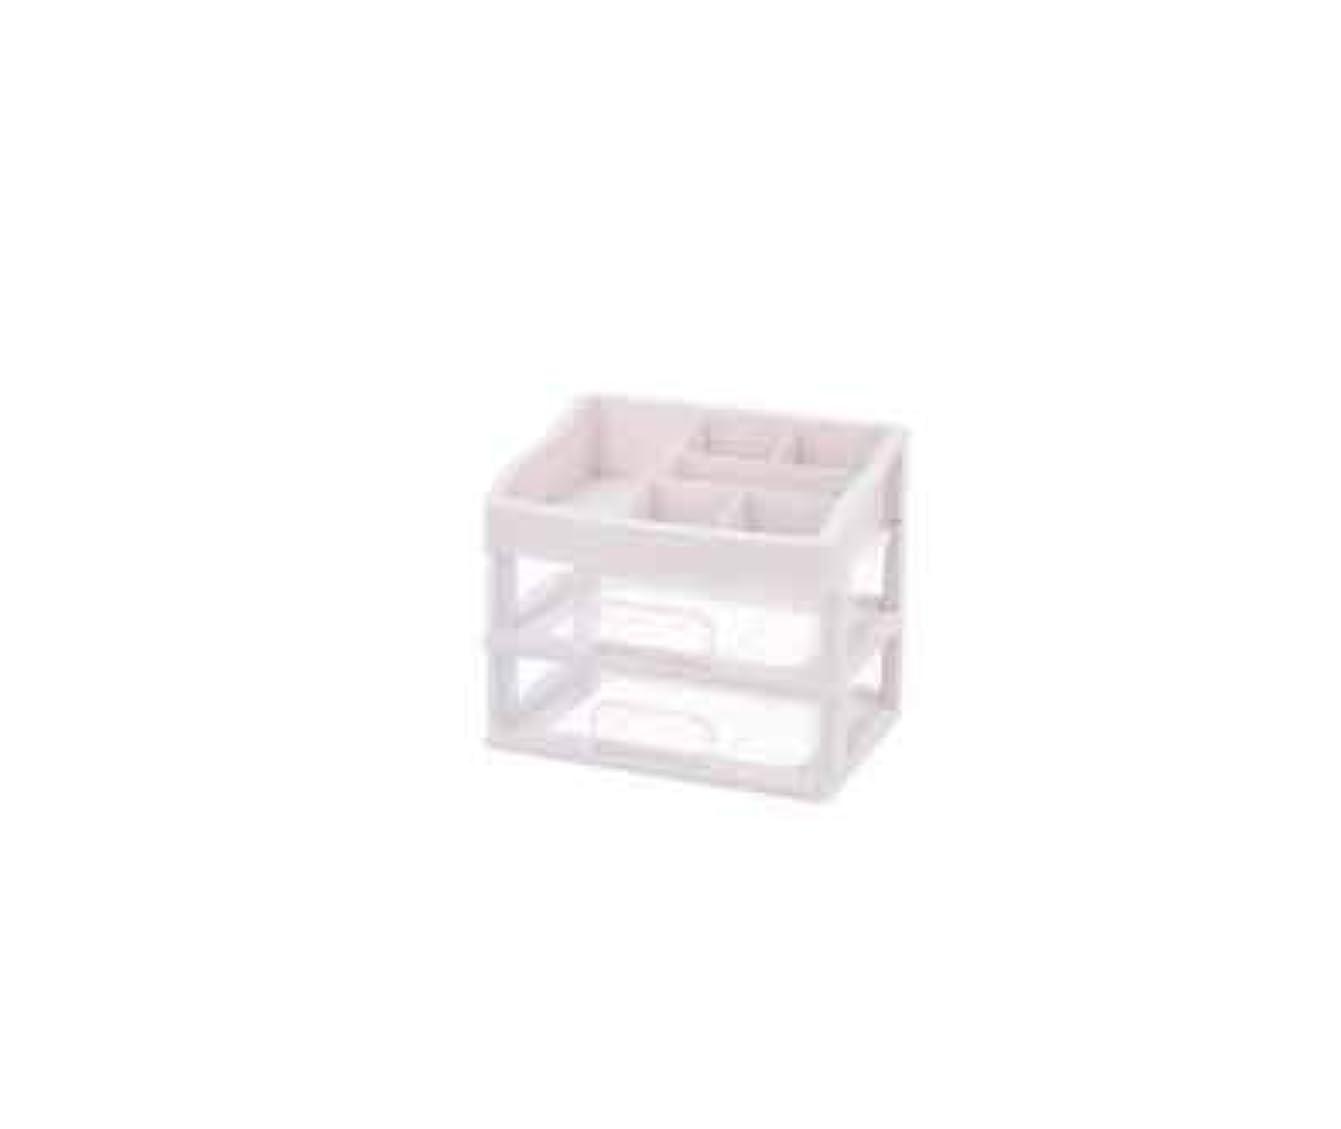 対話対話地殻化粧品収納ボックス透明引き出しタイプデスクトップ収納ラック化粧台化粧品ケーススキンケア用品 (Size : M)